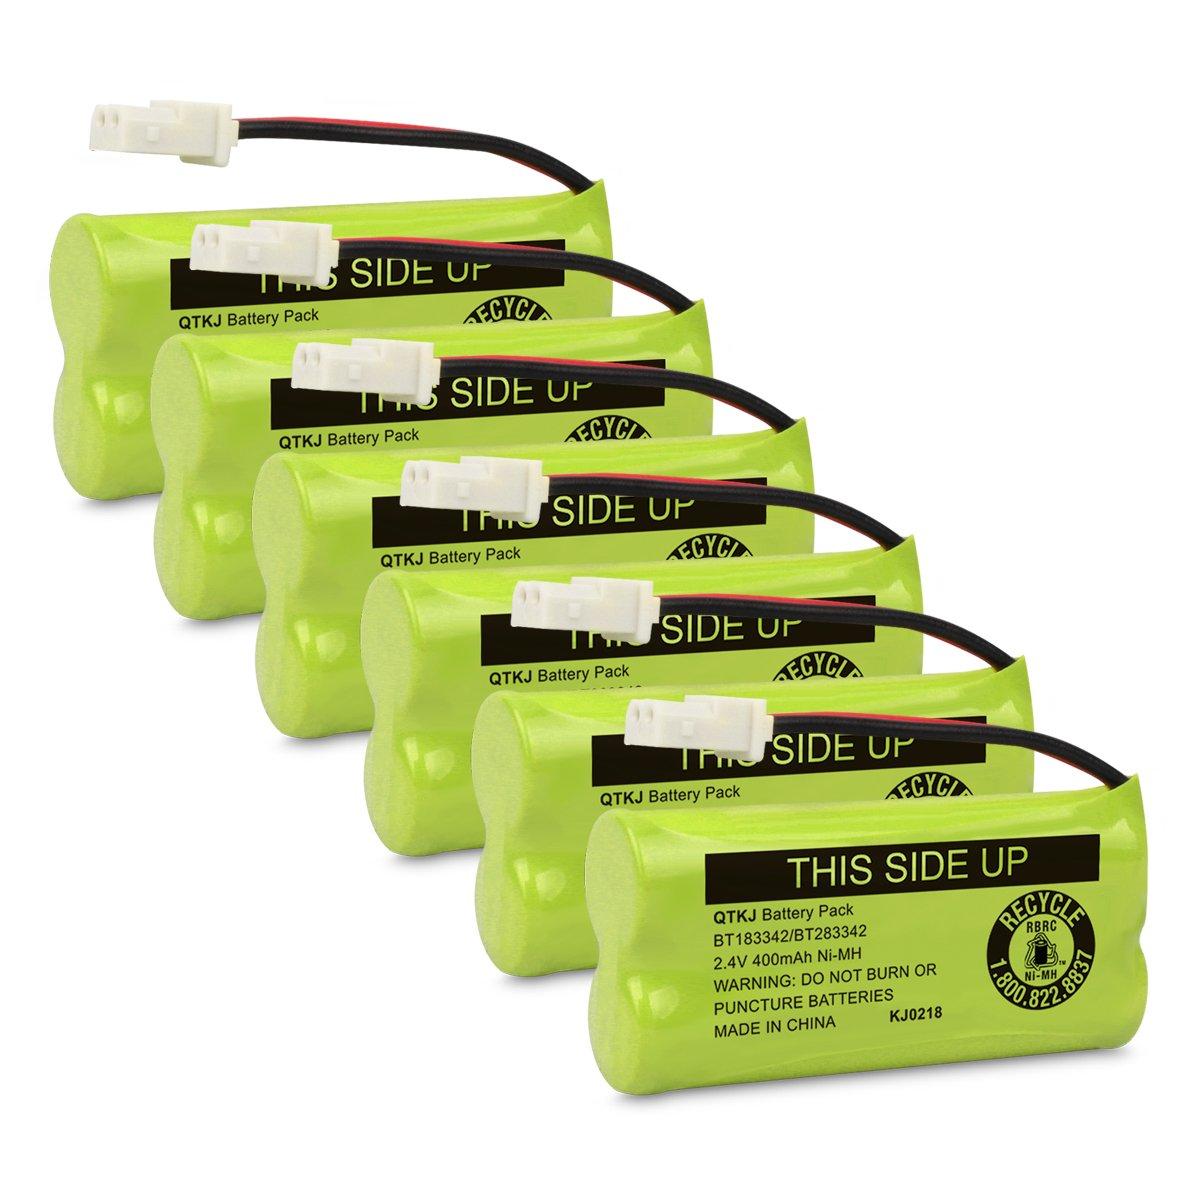 QTKJ BT183342 BT283342 BT166342 BT266342 BT162342 BT262342 Battery Compatible VTech CS6114 CS6419 CS6719 at&T EL52300 CL80113 CS6114 CS6419 CS6719 EL52300 CL80111 Cordless Phone Handsets (Pack of 6)